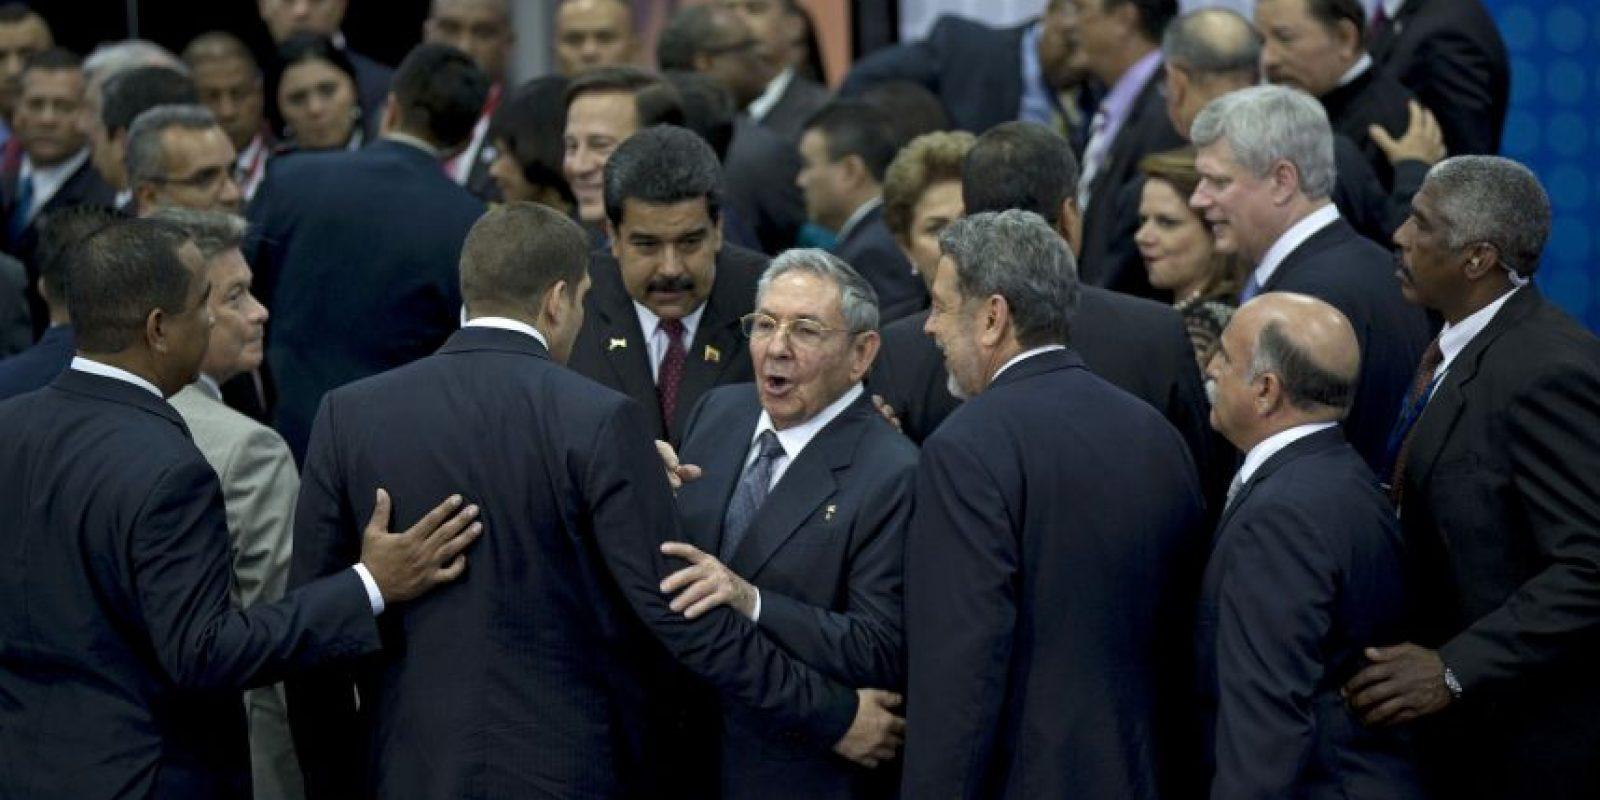 La primera reunión entre ambos mandatarios tras el anuncio del descongelamiento de relaciones diplomáticas Foto:AFP